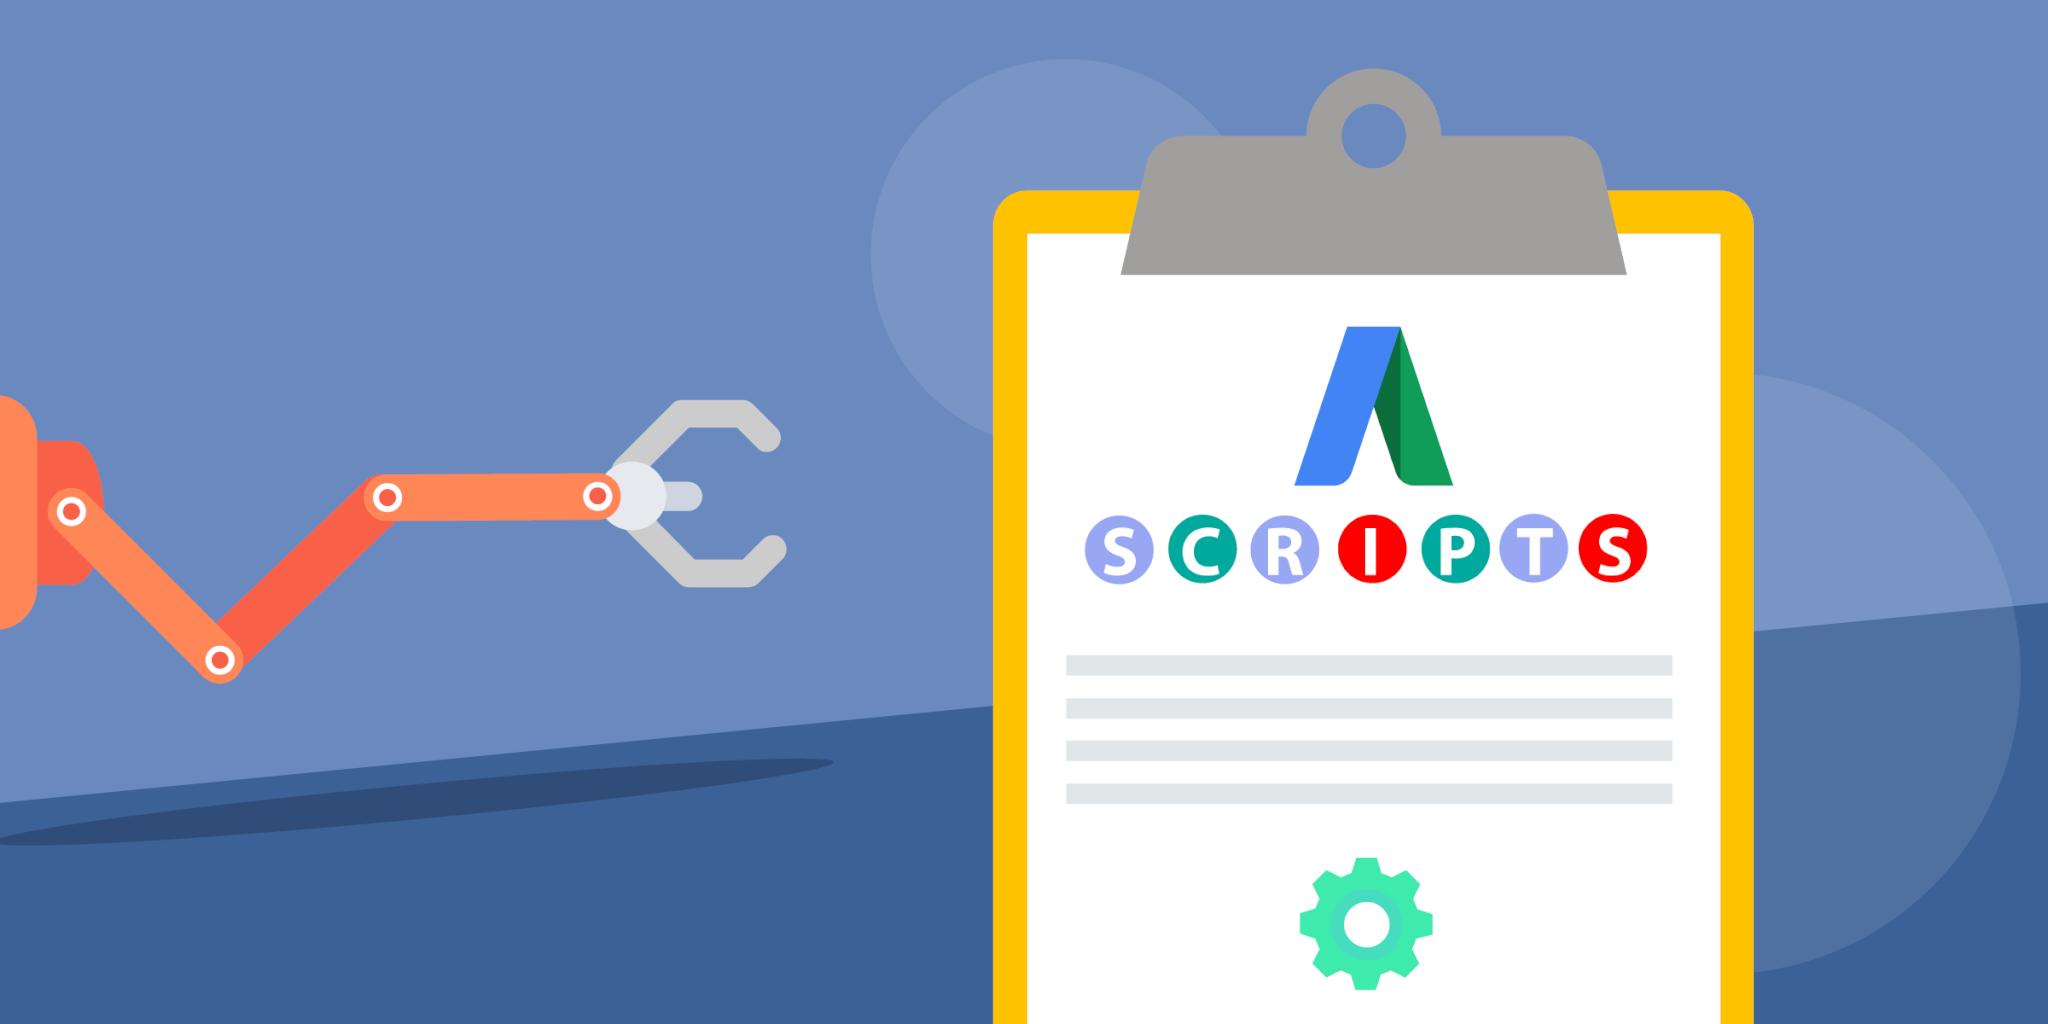 آموزش نحوه افزودن اسکریپت در اکانت گوگل ادز